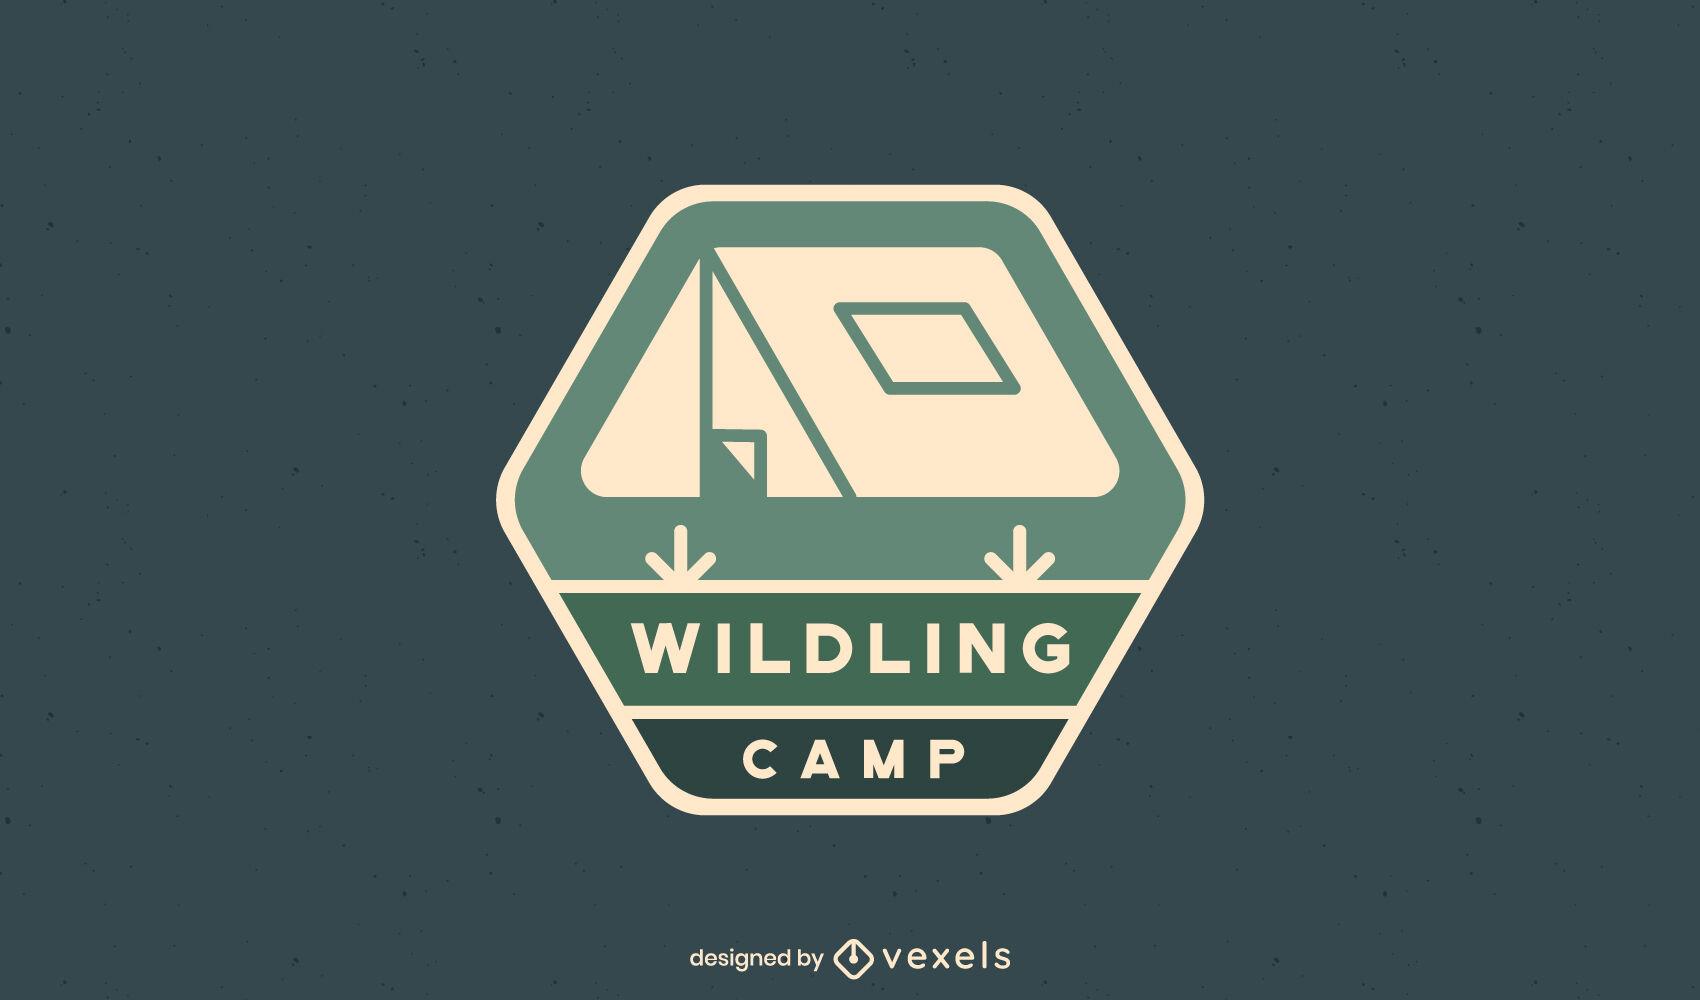 Modelo de logotipo para barraca de camping